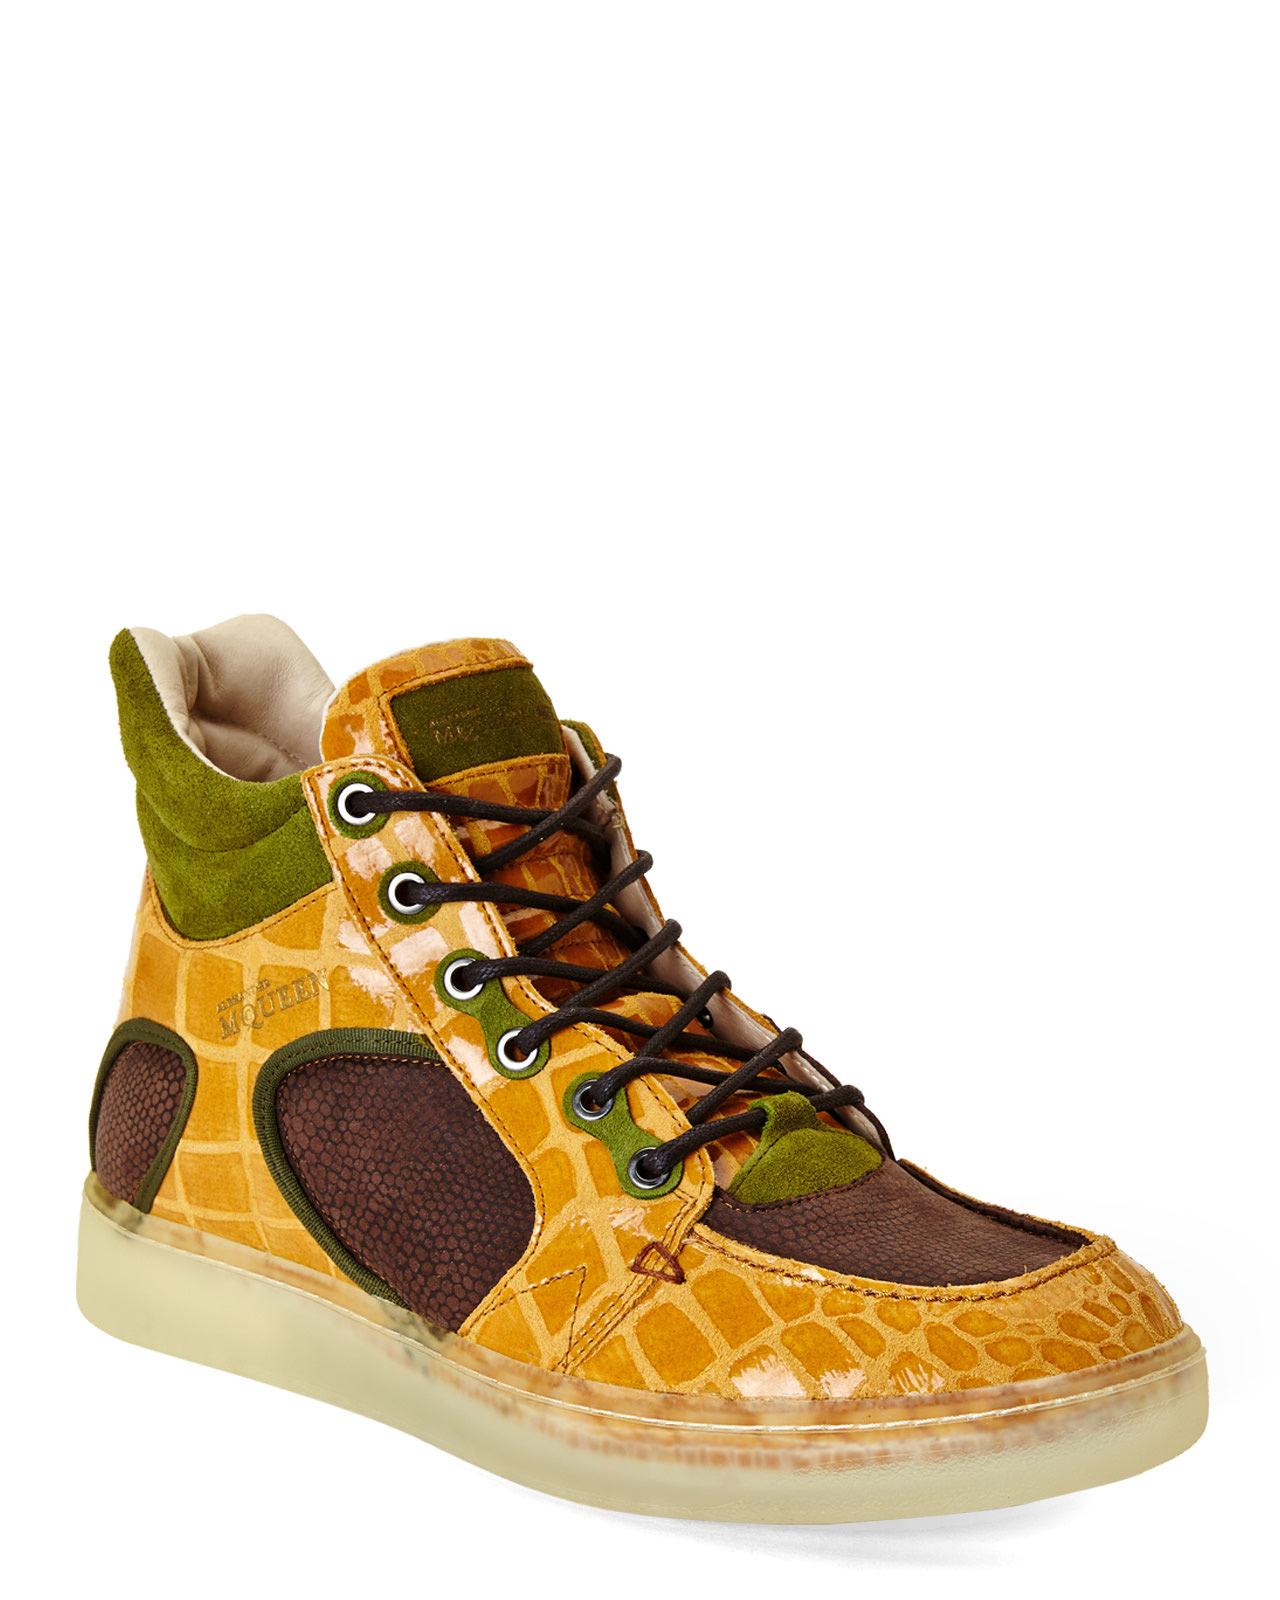 38c597c56ea Lyst - Alexander McQueen X Puma Joust Iii High-top Sneakers in ...